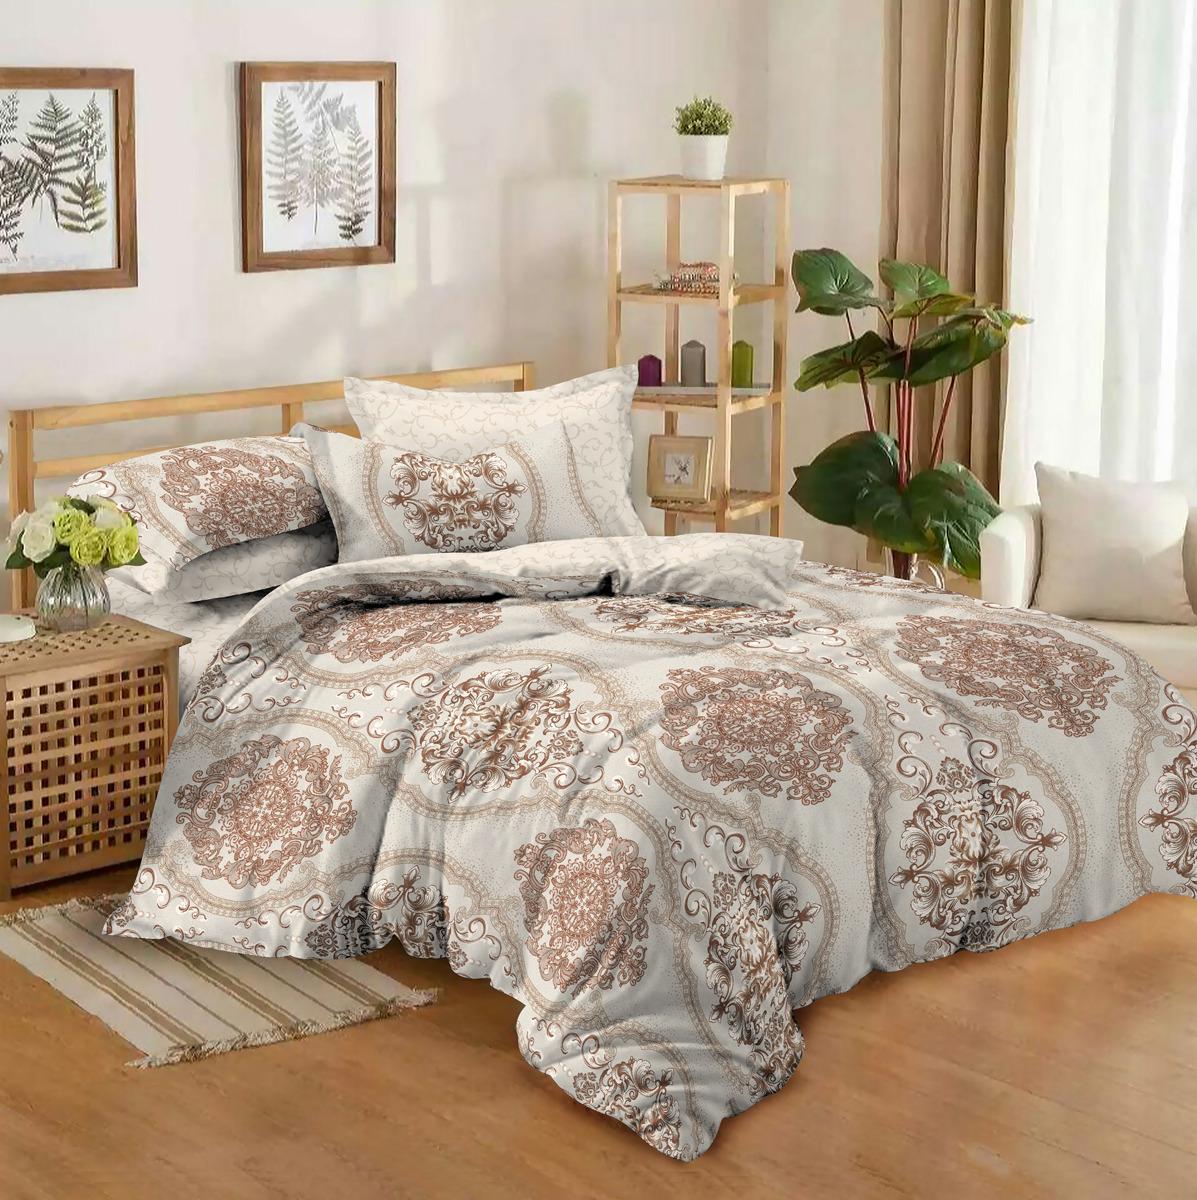 Комплект постельного белья Amore Mio Gold Melissa, 1,5-спальный, наволочки 70x70